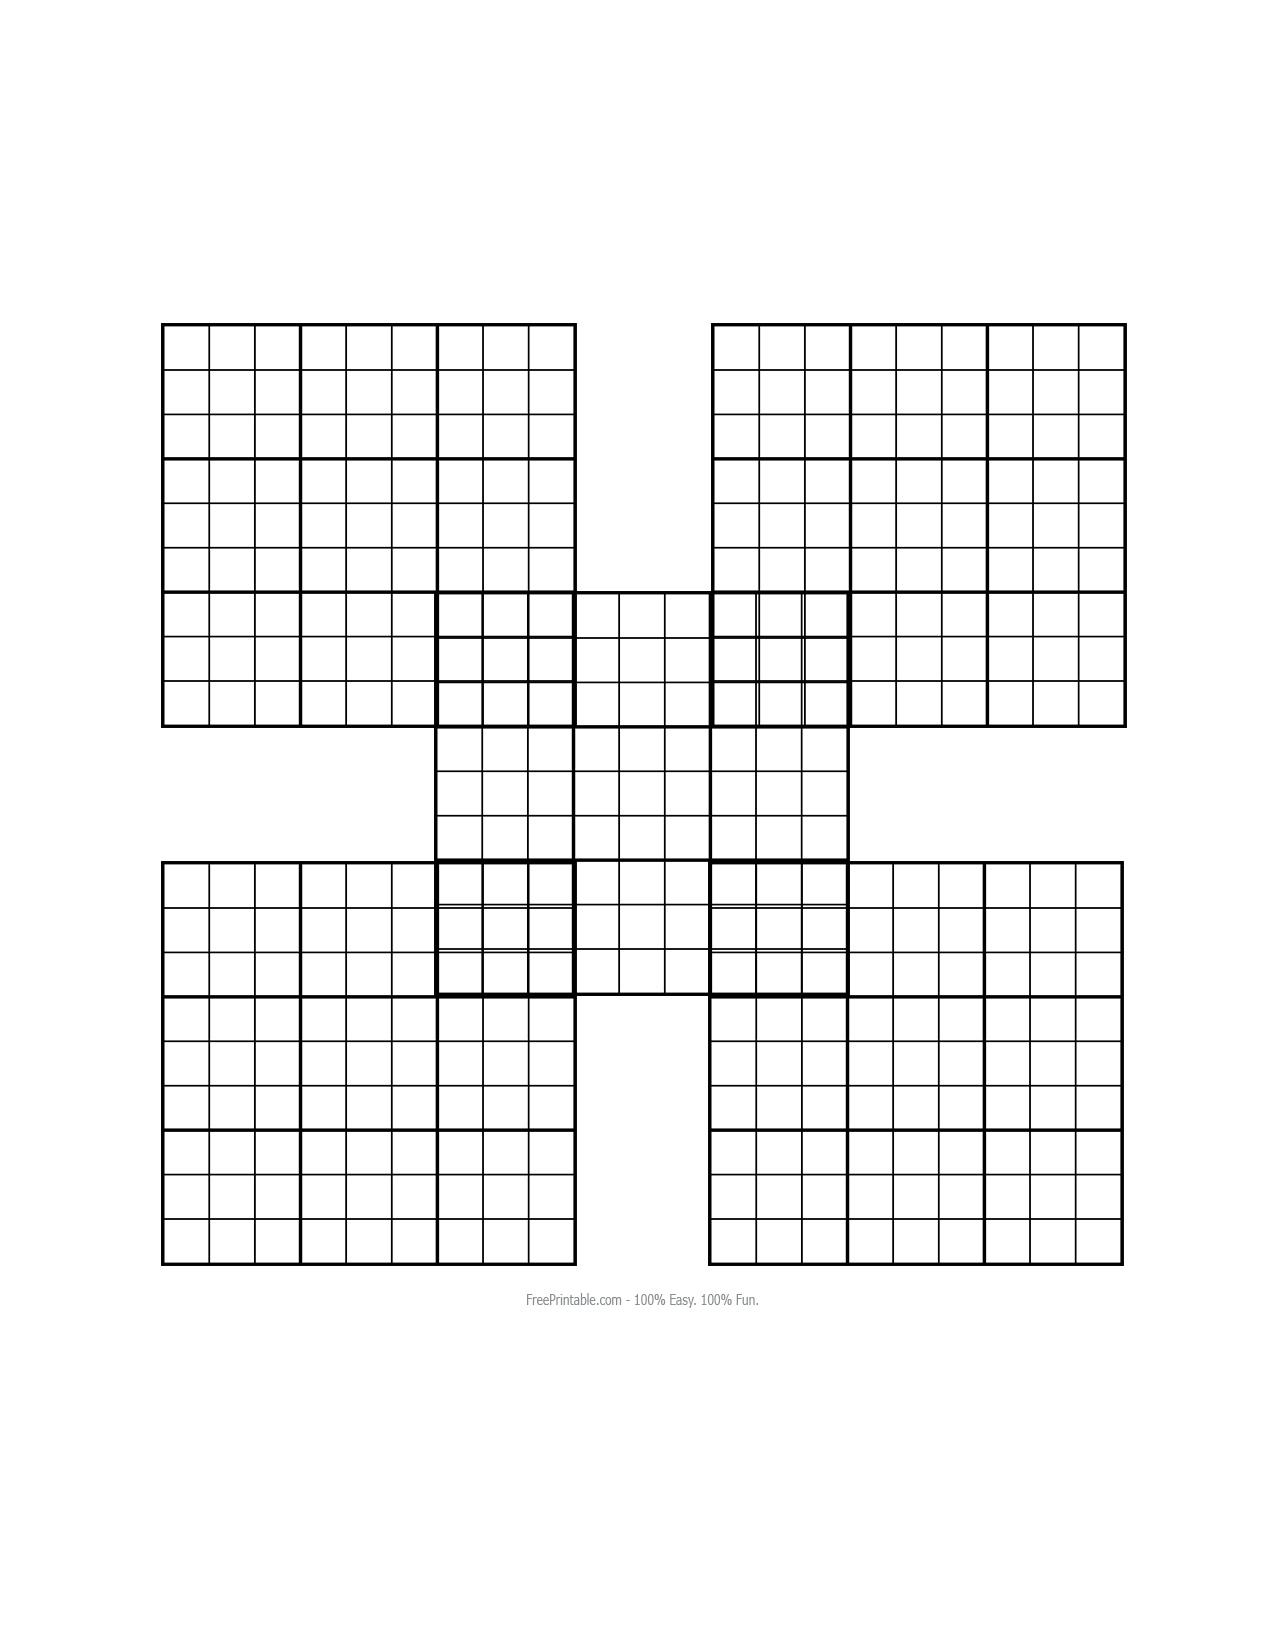 Lovely Blank Sudoku Worksheet